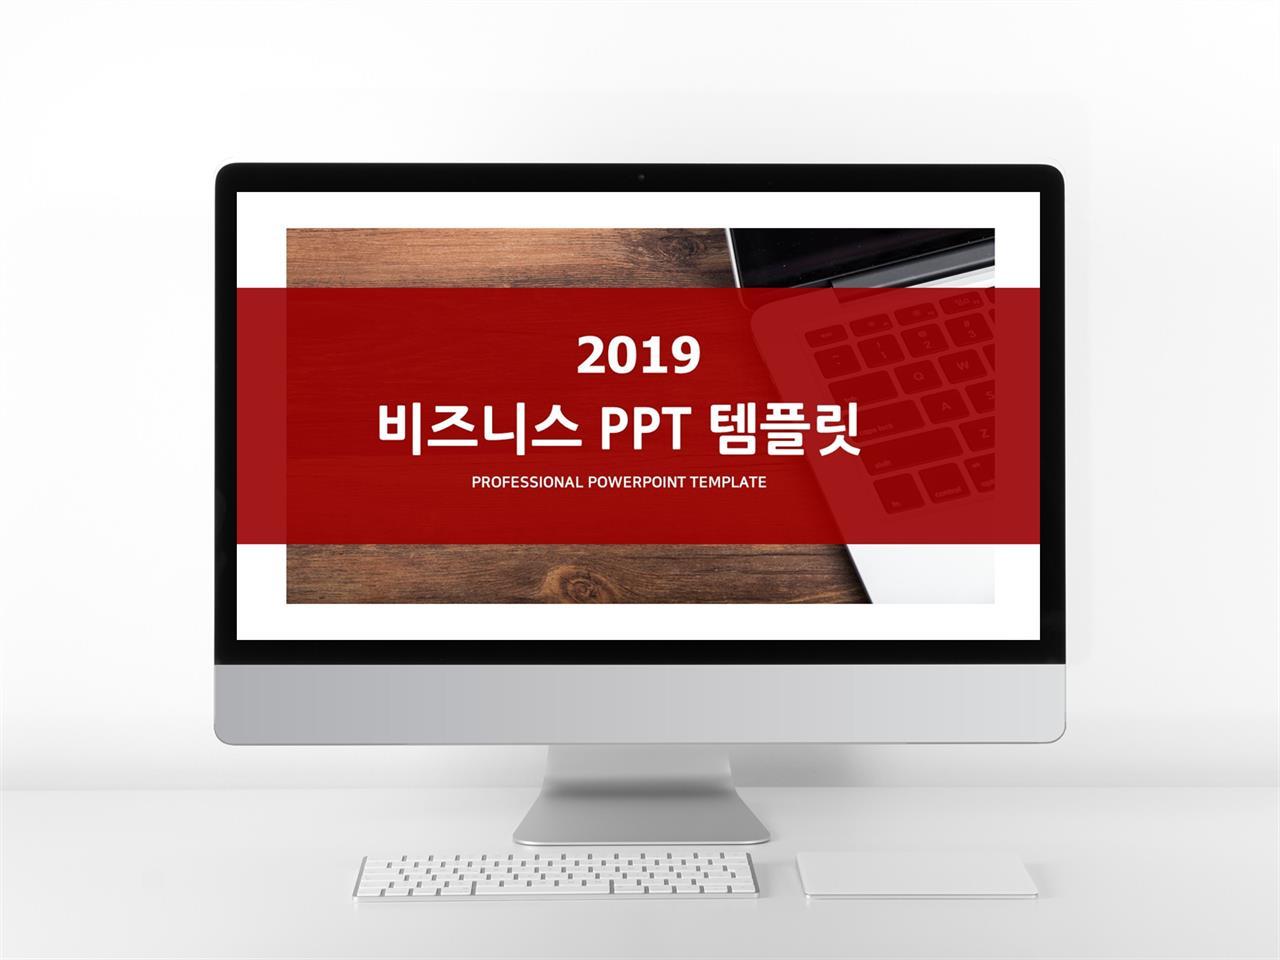 상업계획 홍색 세련된 고급스럽운 PPT테마 사이트 미리보기